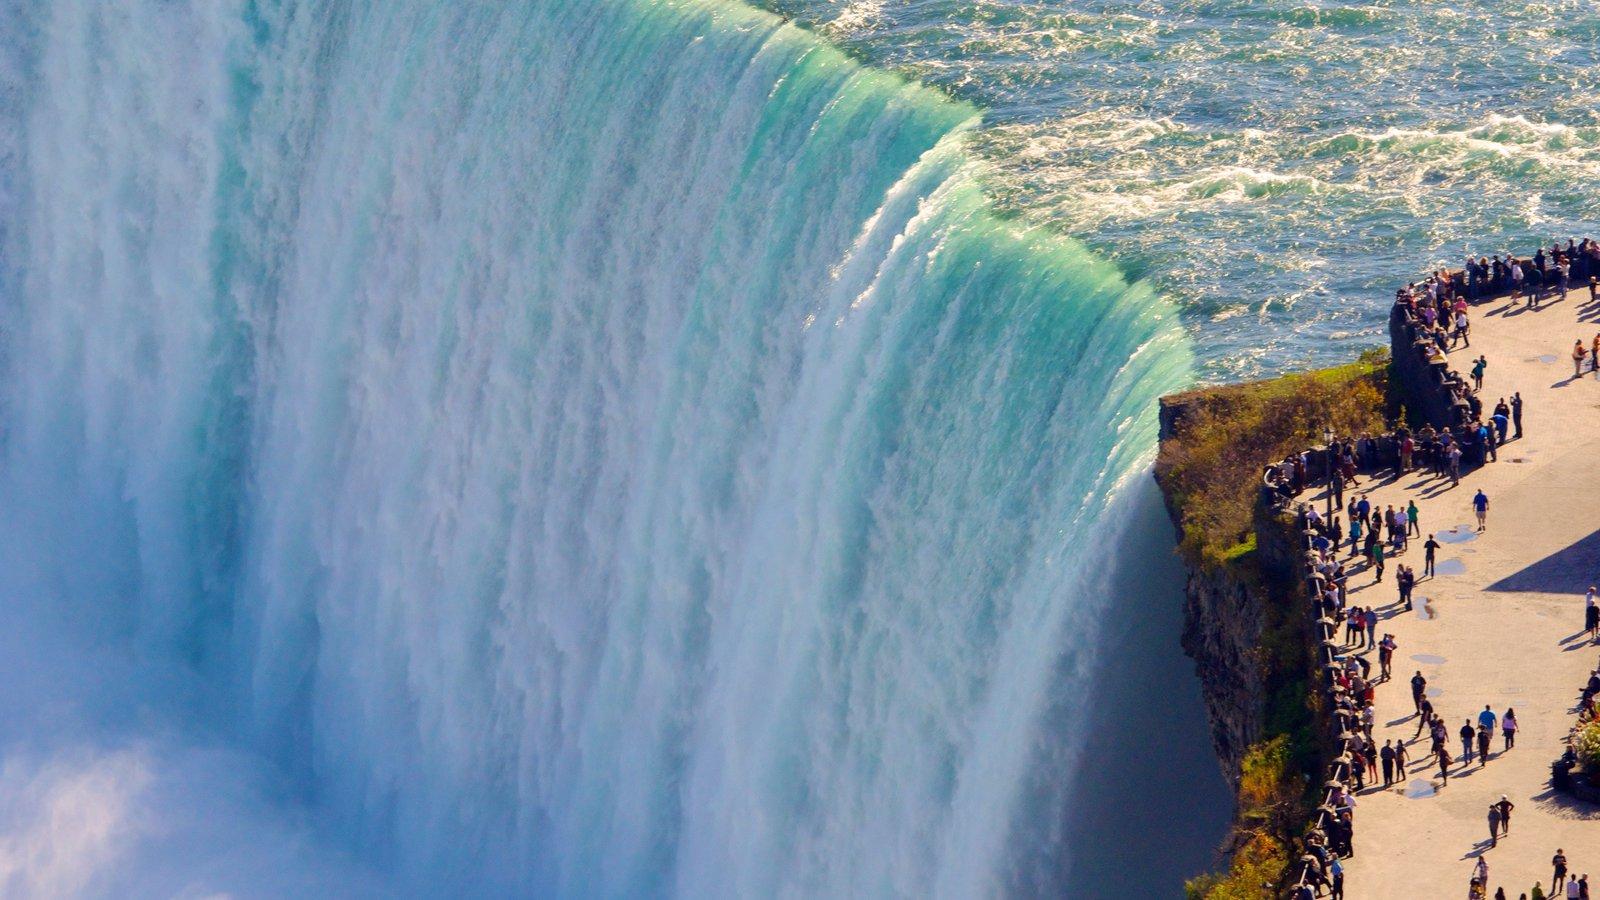 Horseshoe Falls que inclui uma cachoeira, paisagens e paisagem